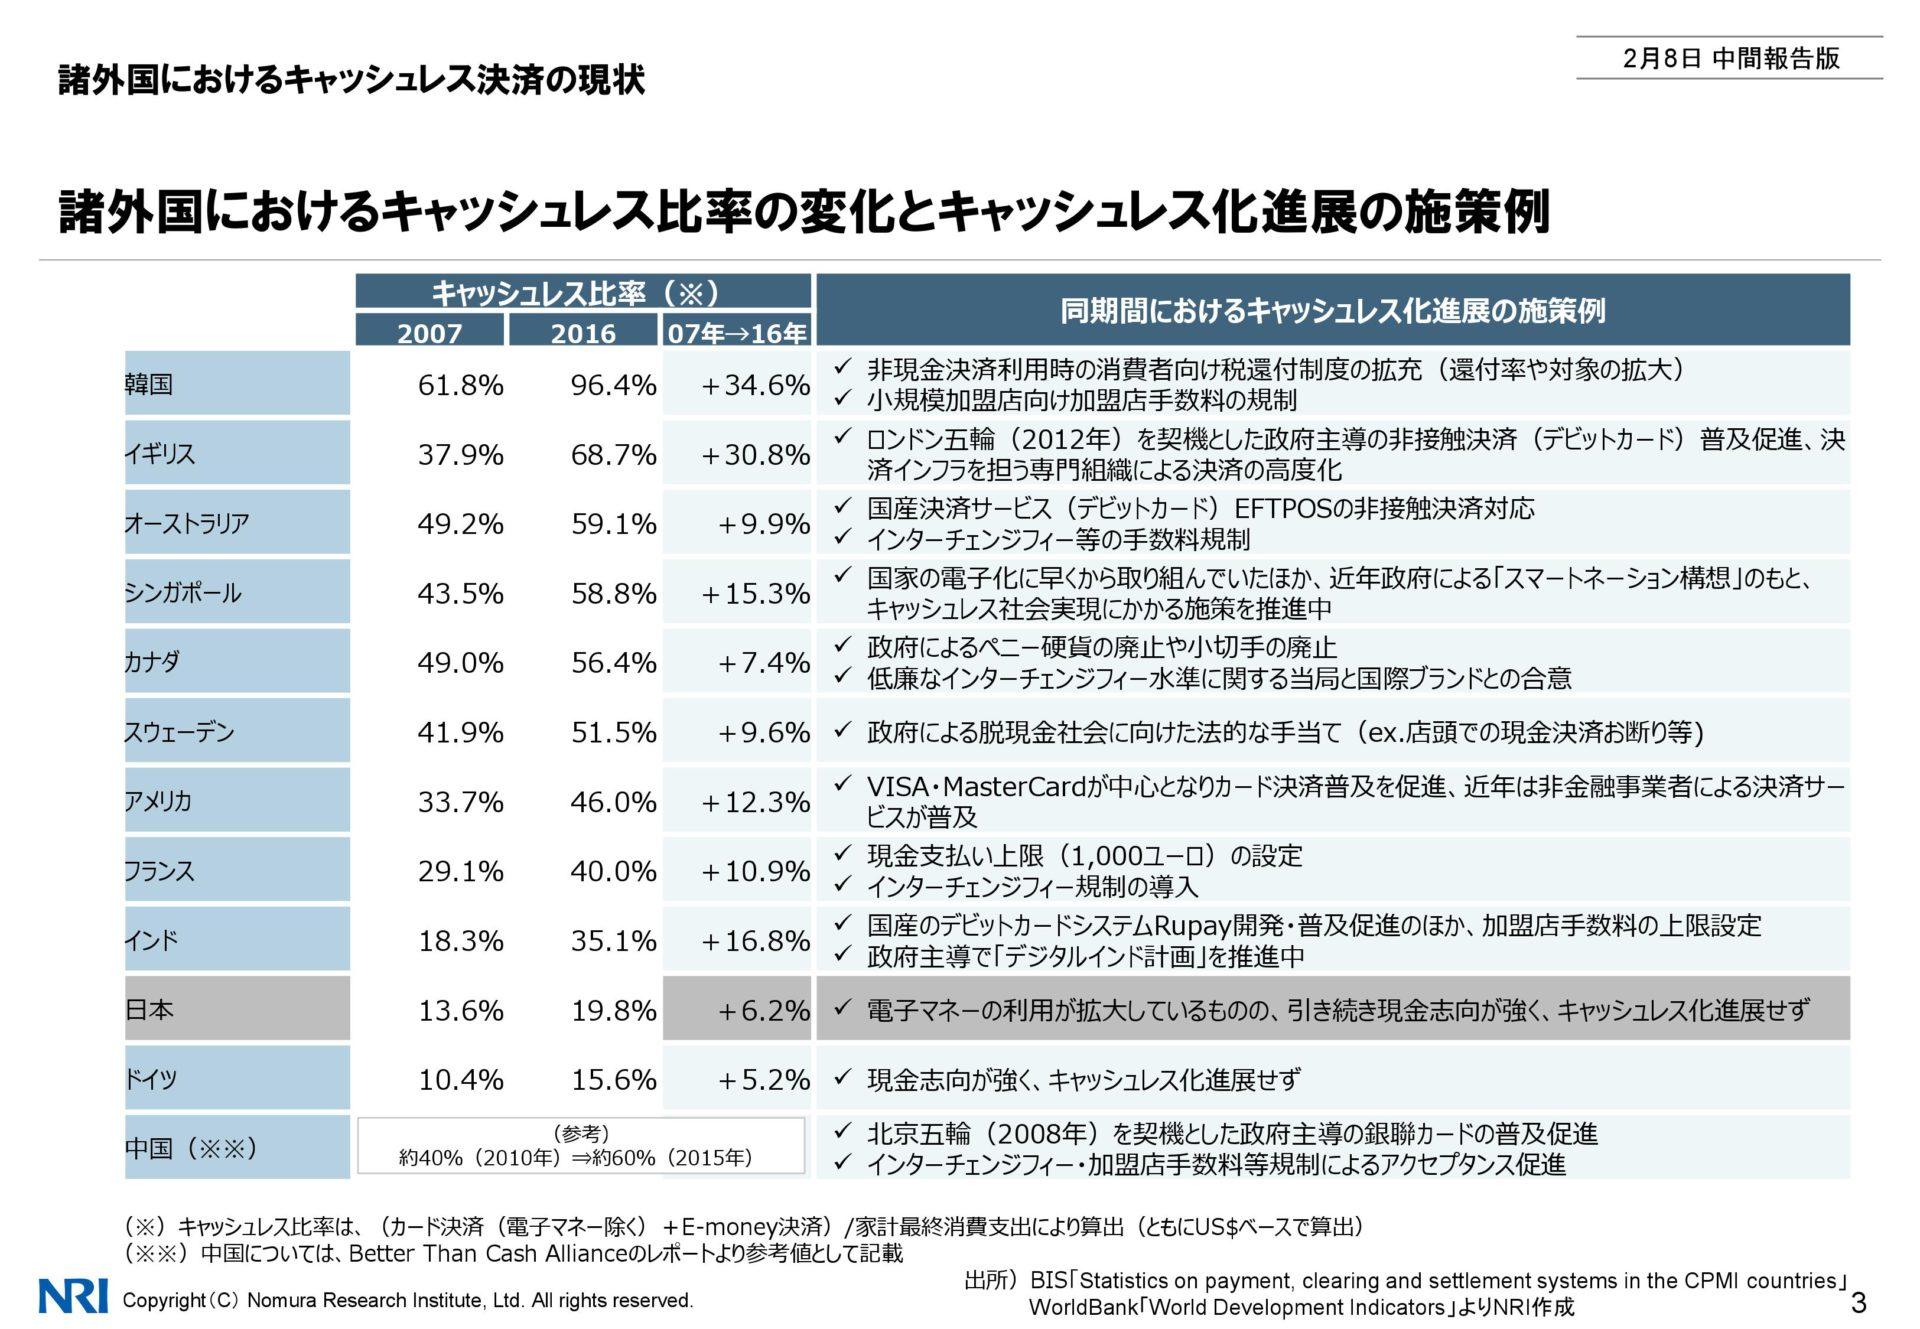 諸外国におけるキャッシュレス比率表